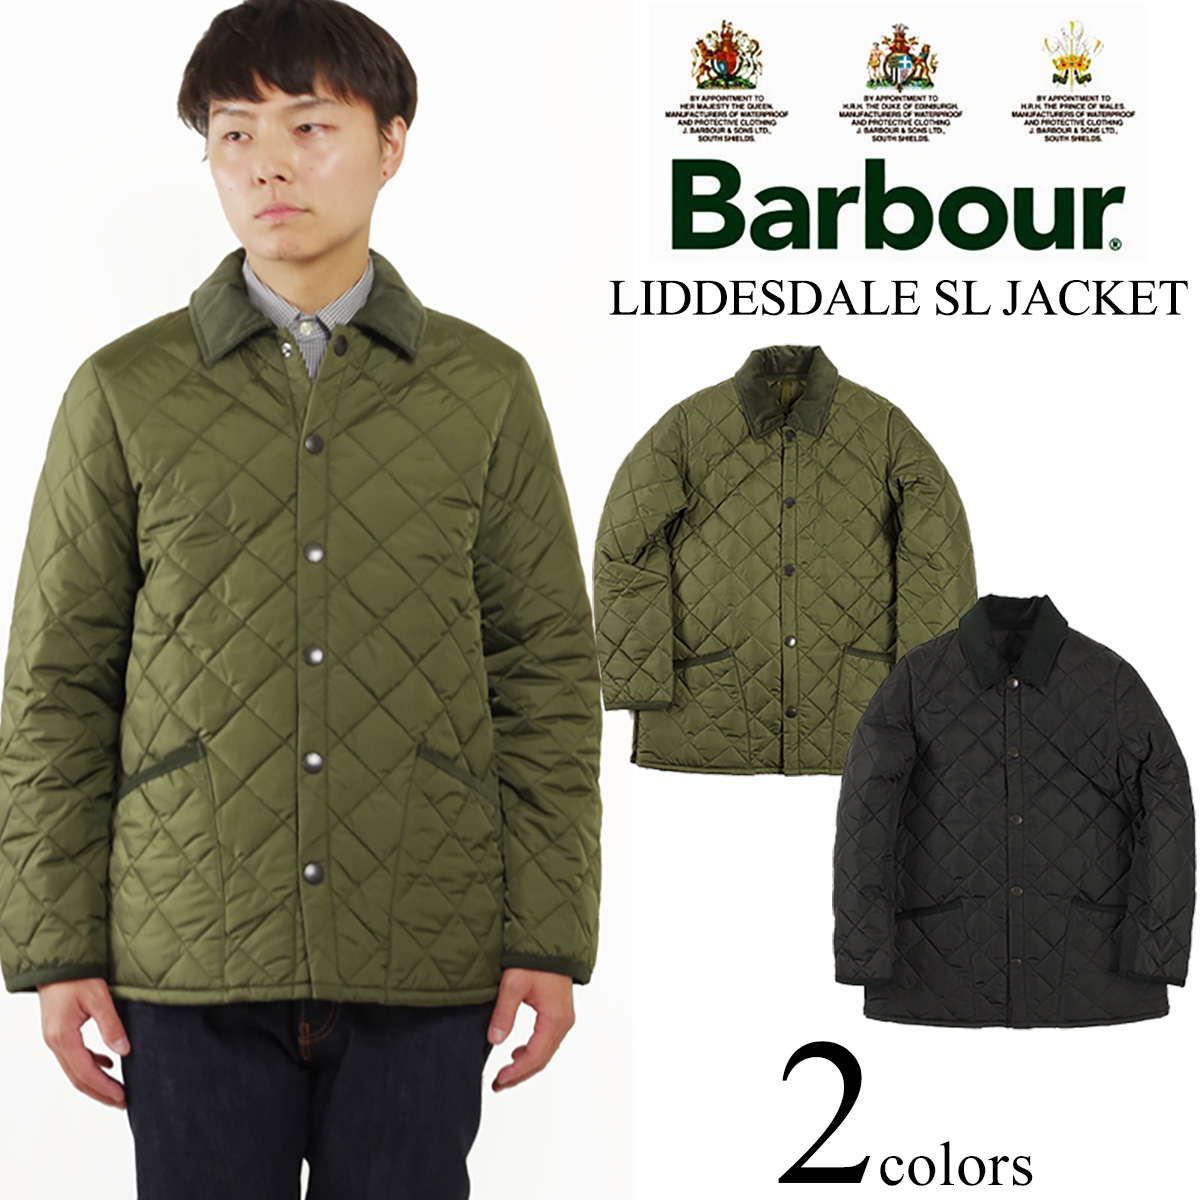 バブアー Barbour リッズデイル SL ジャケット (LIDDESDALE リッズデール キルティング スリムフィット 日本代理店モデル)